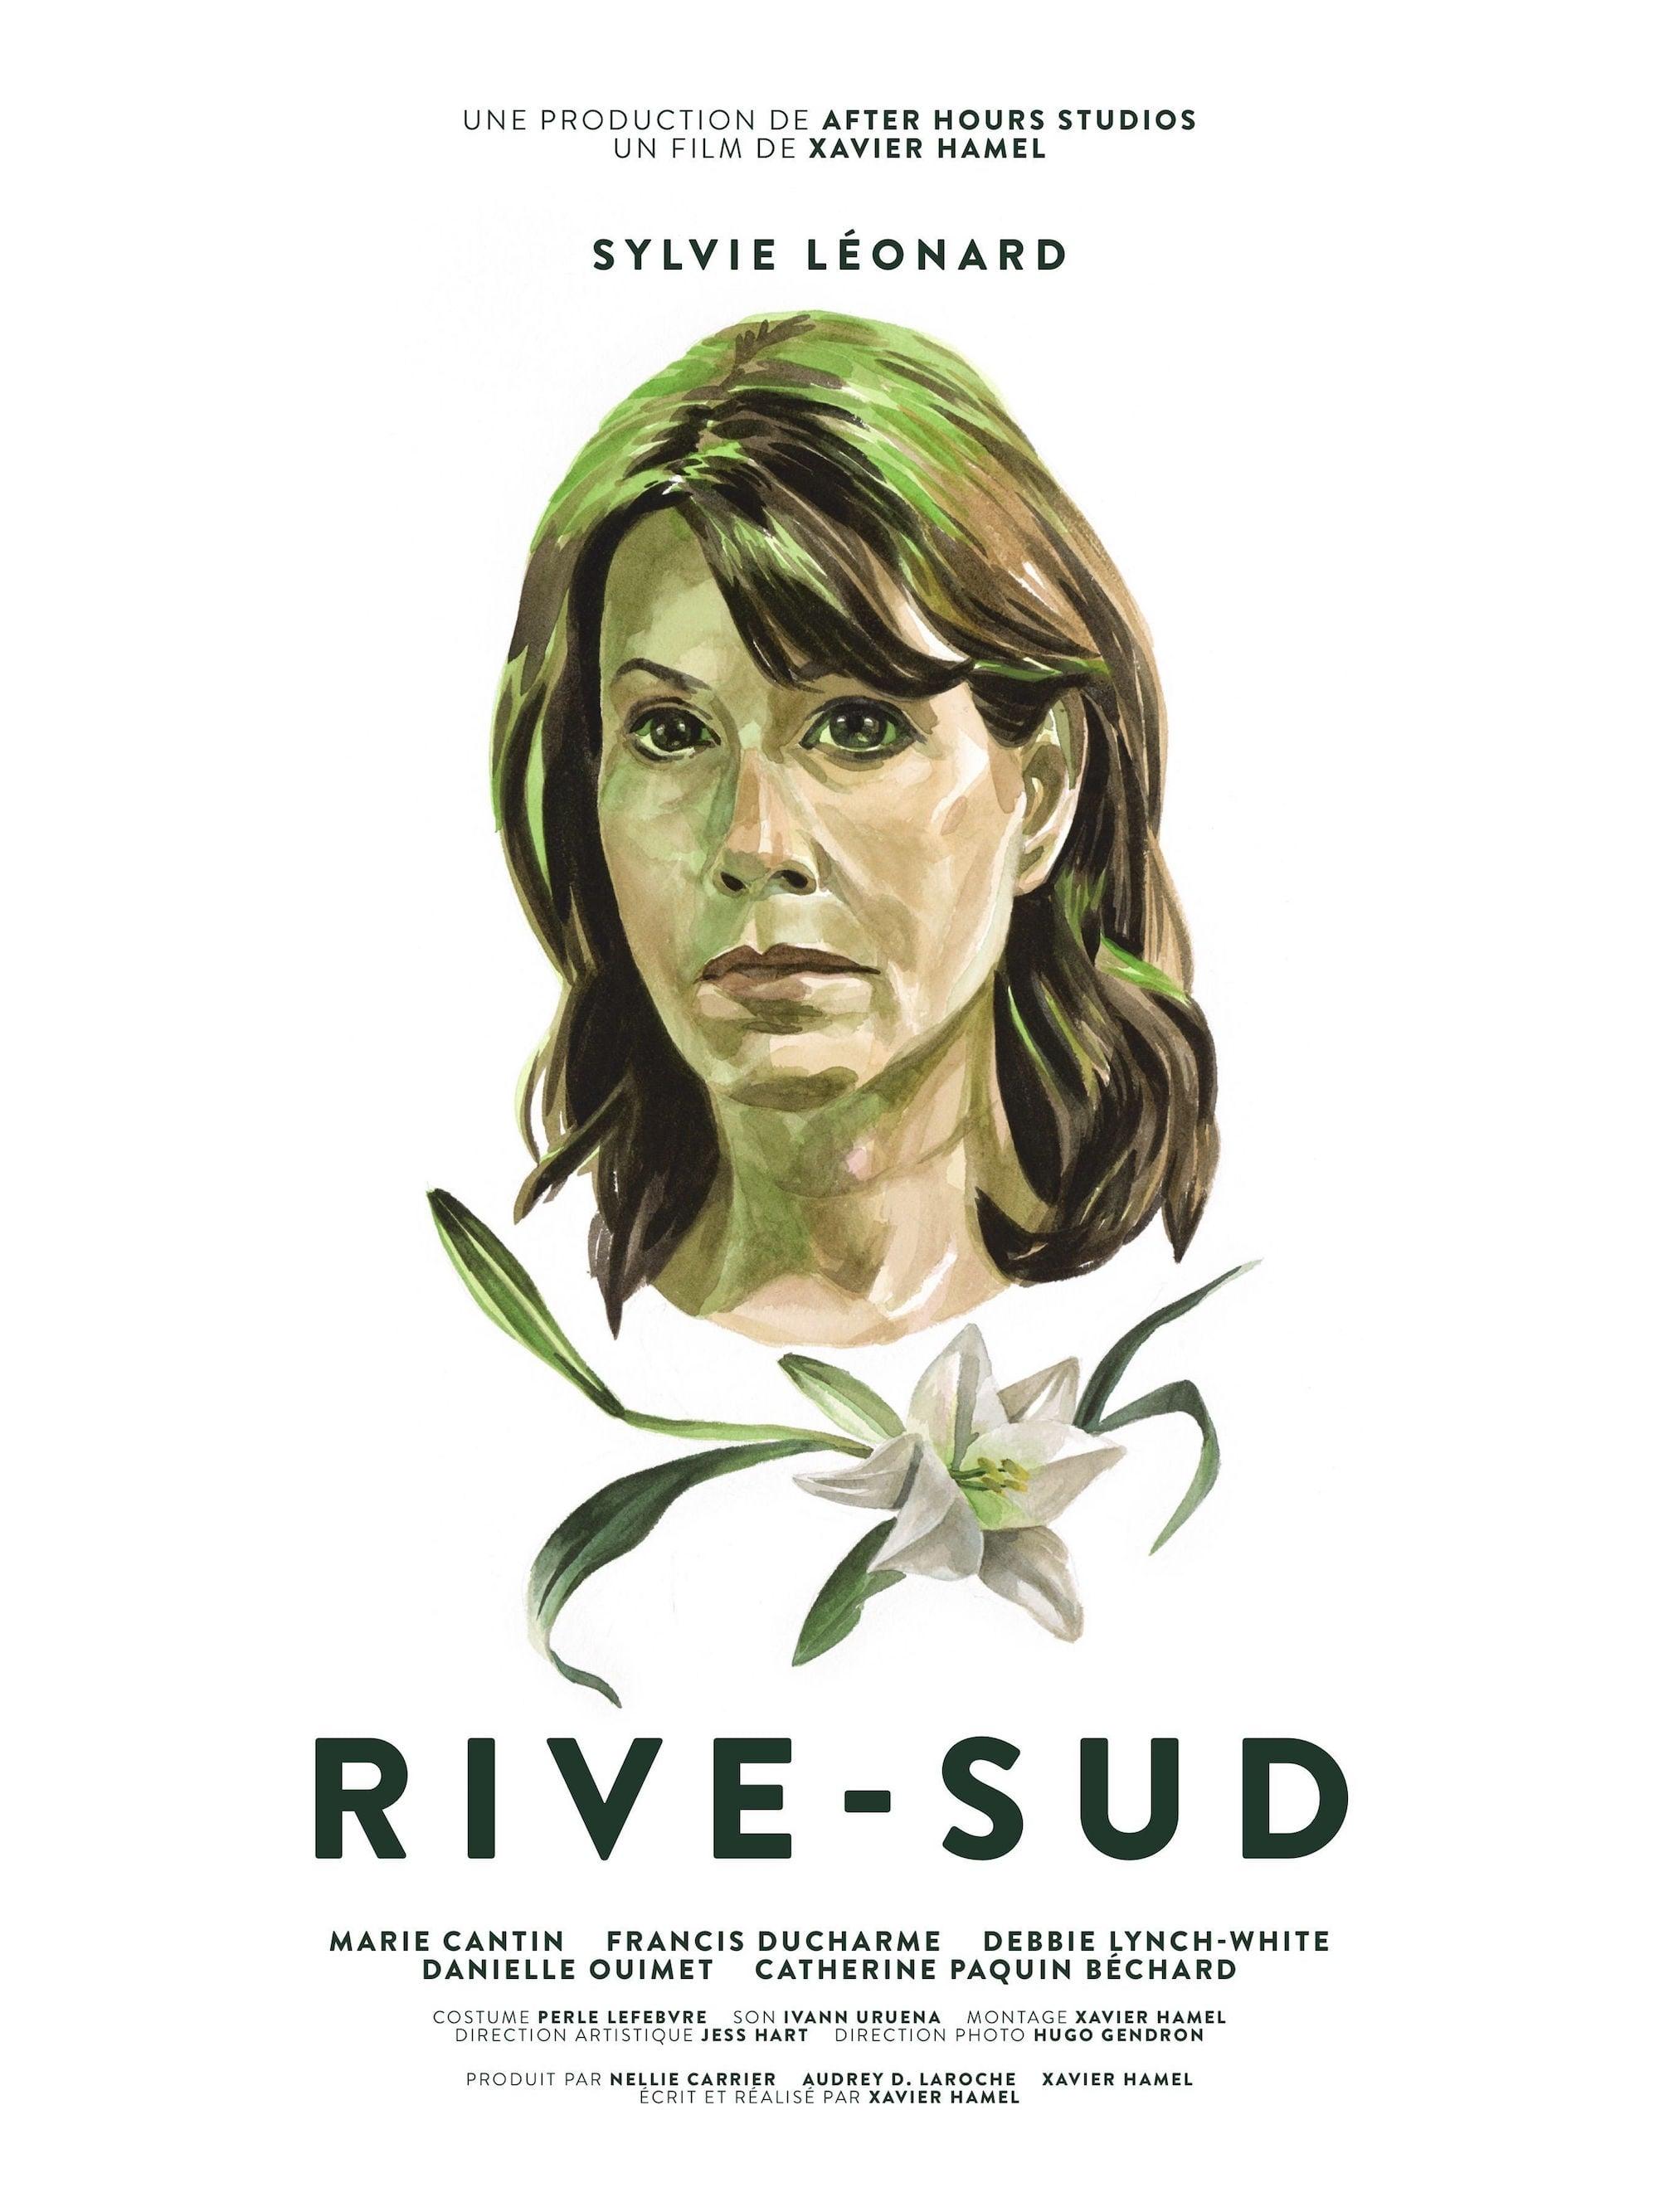 Rive-Sud